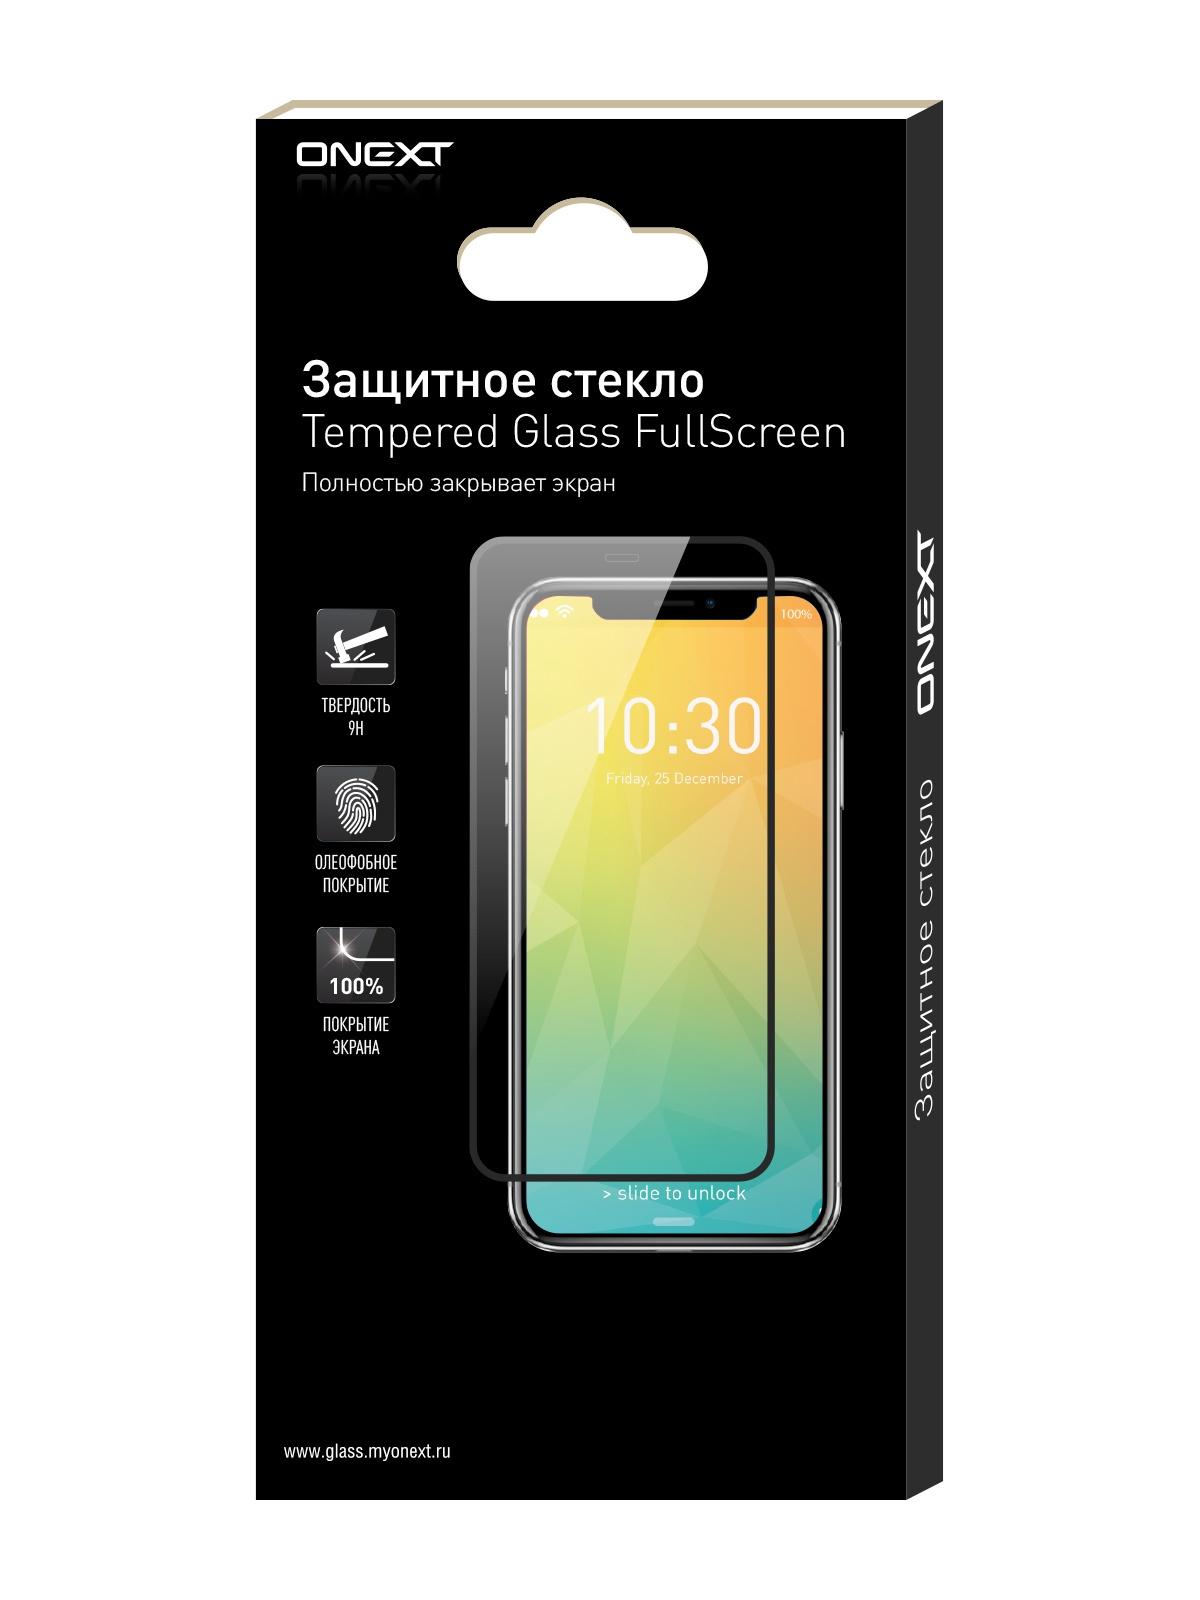 Защитное стекло ONEXT iPhone 6/6S с силиконовой рамкой